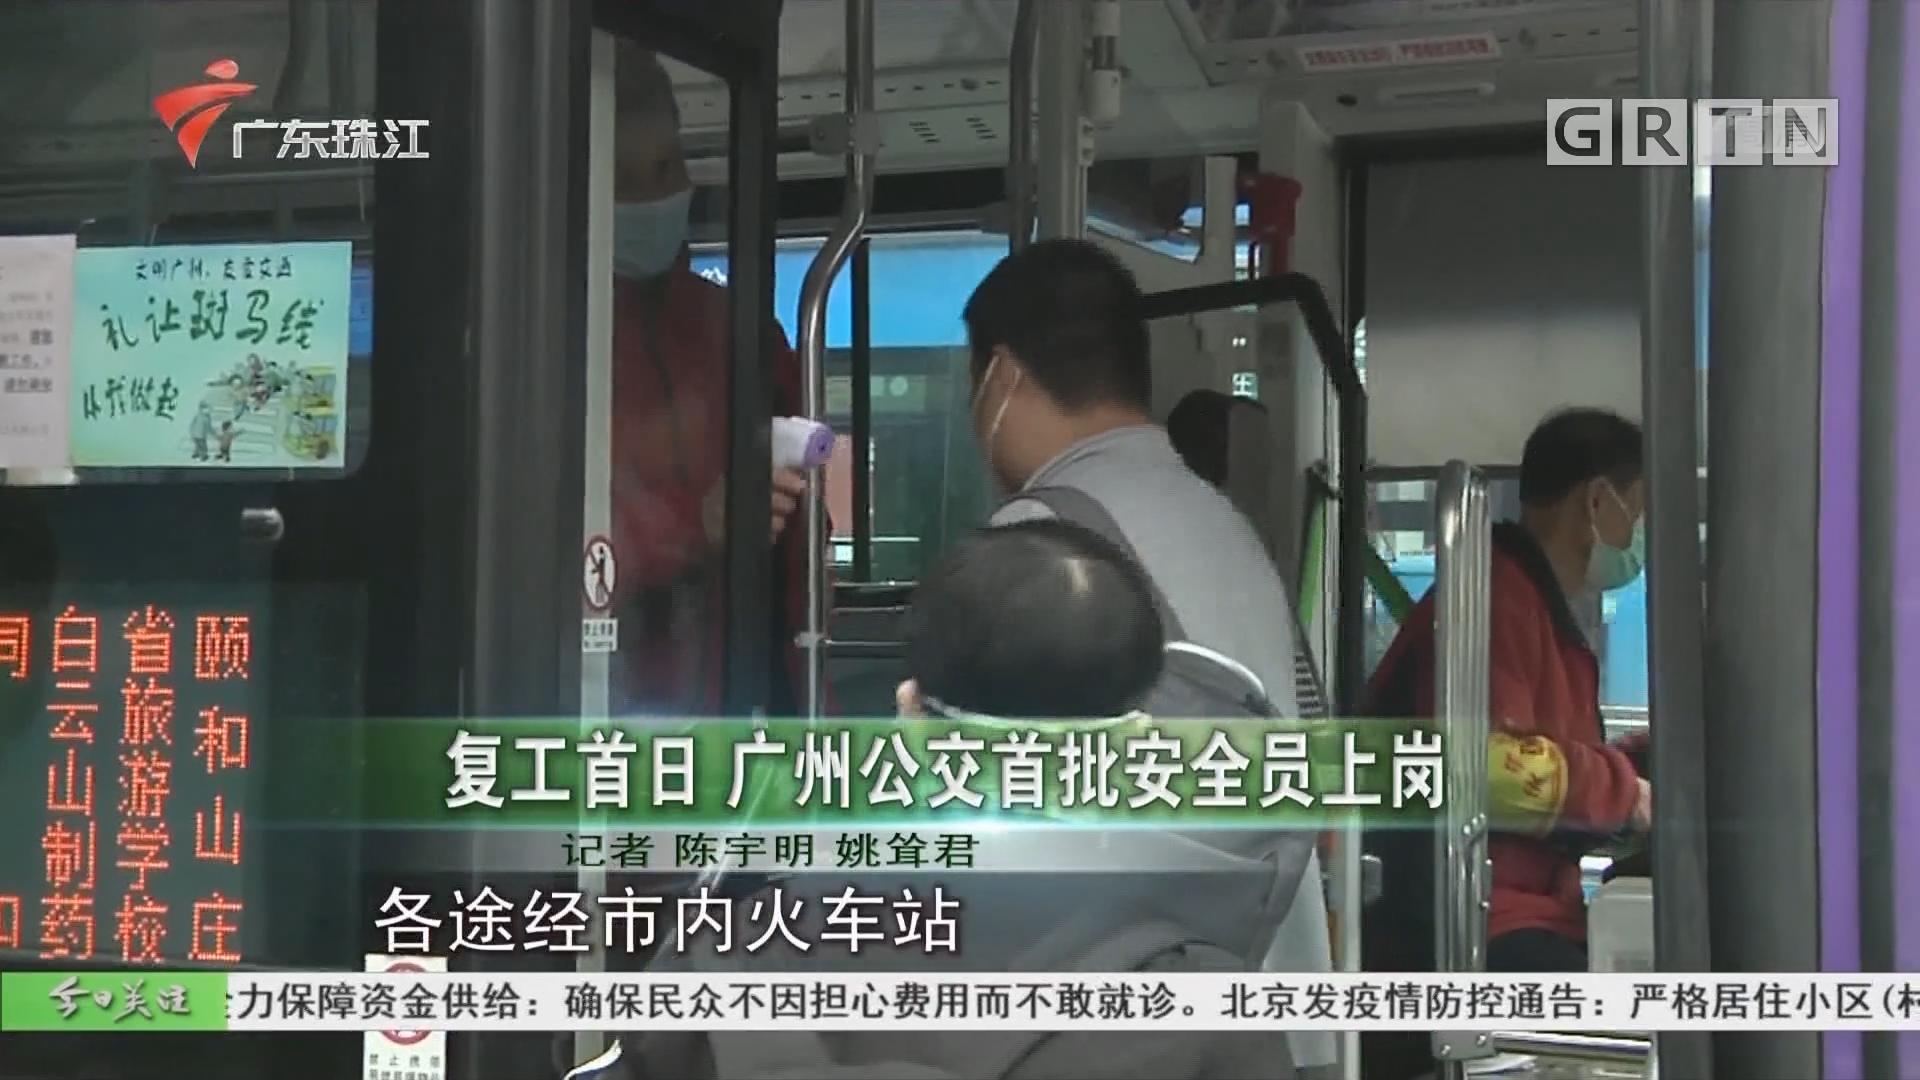 复工首日 广州公交首批安全员上岗